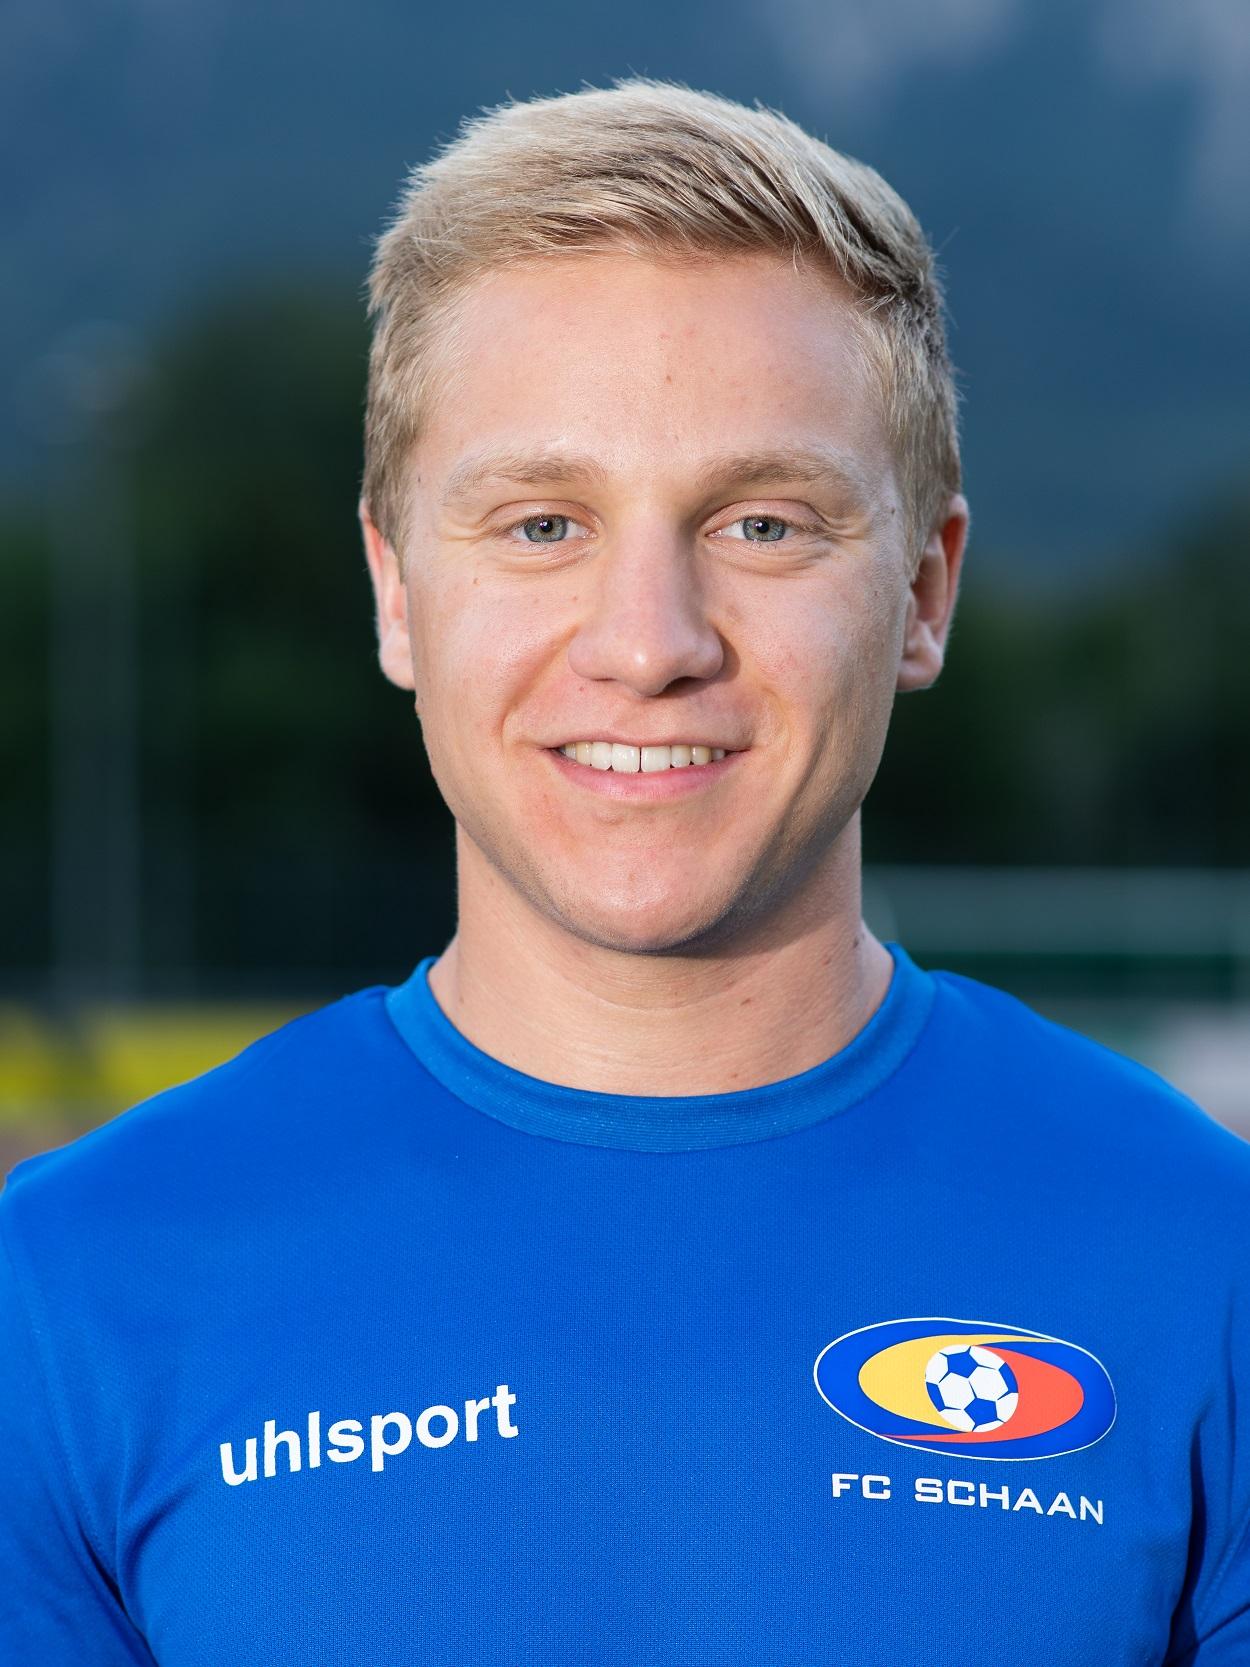 Fabian Biedermann